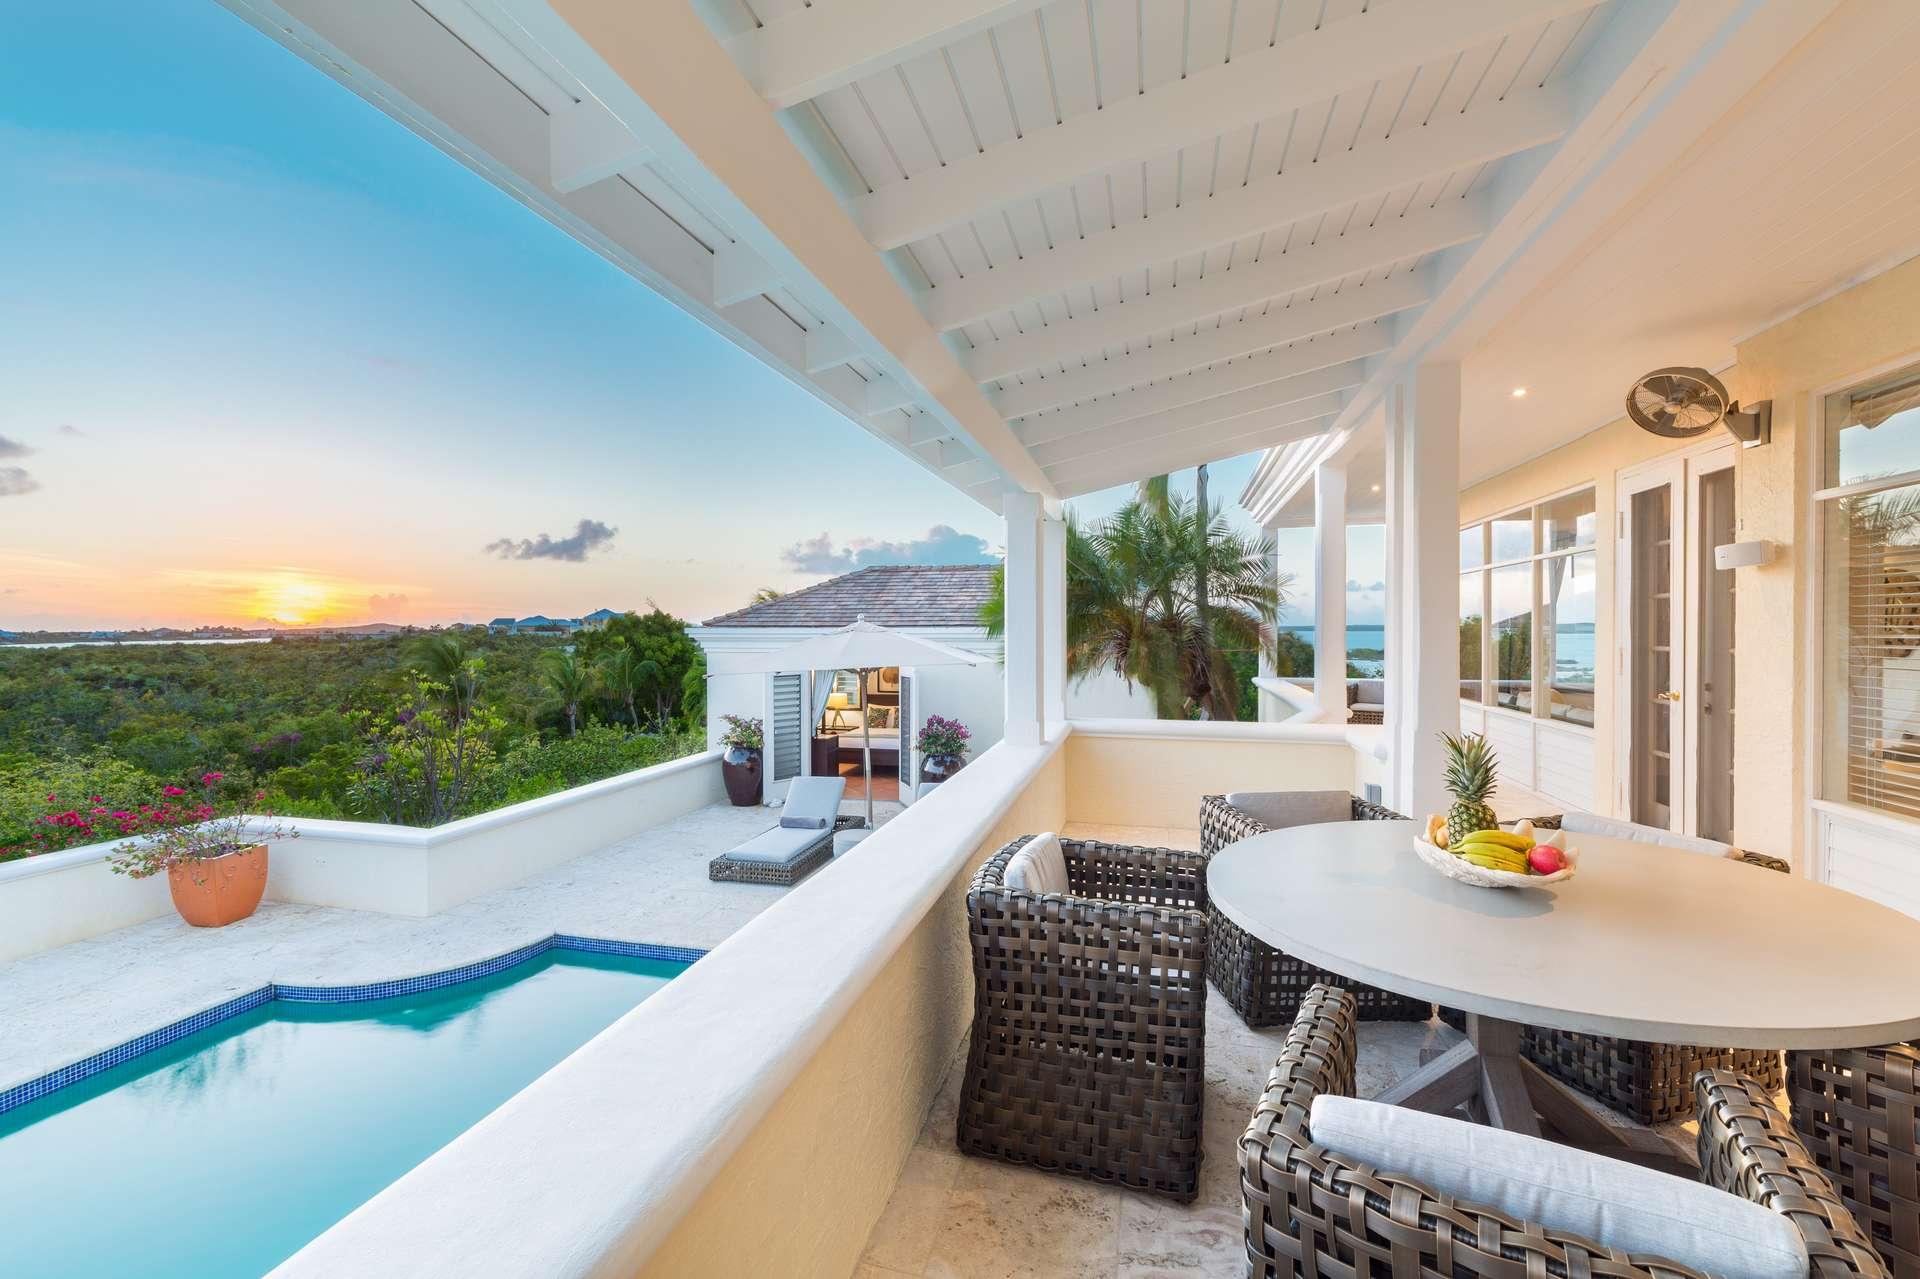 Luxury villa rentals caribbean - Turks and caicos - Providenciales - Chalk sound taylor bay - Alizee Villa - Image 1/44